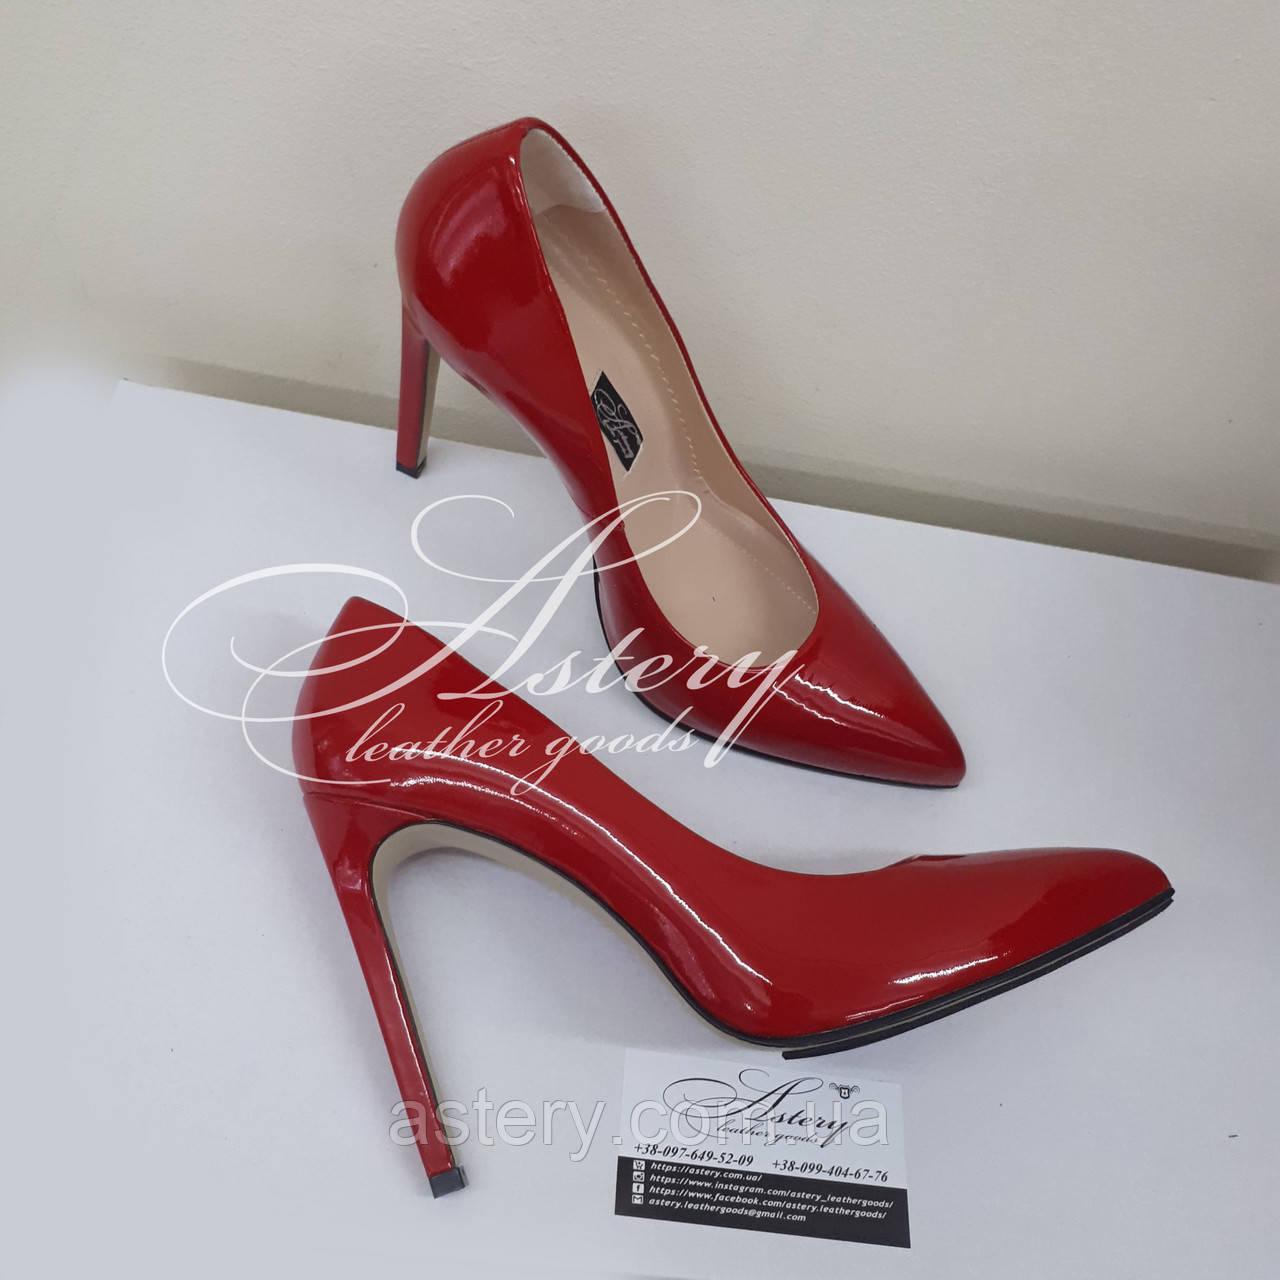 eb256afeb Женские красные лаковые туфли на шпильке - Astery Leather Goods в Киеве